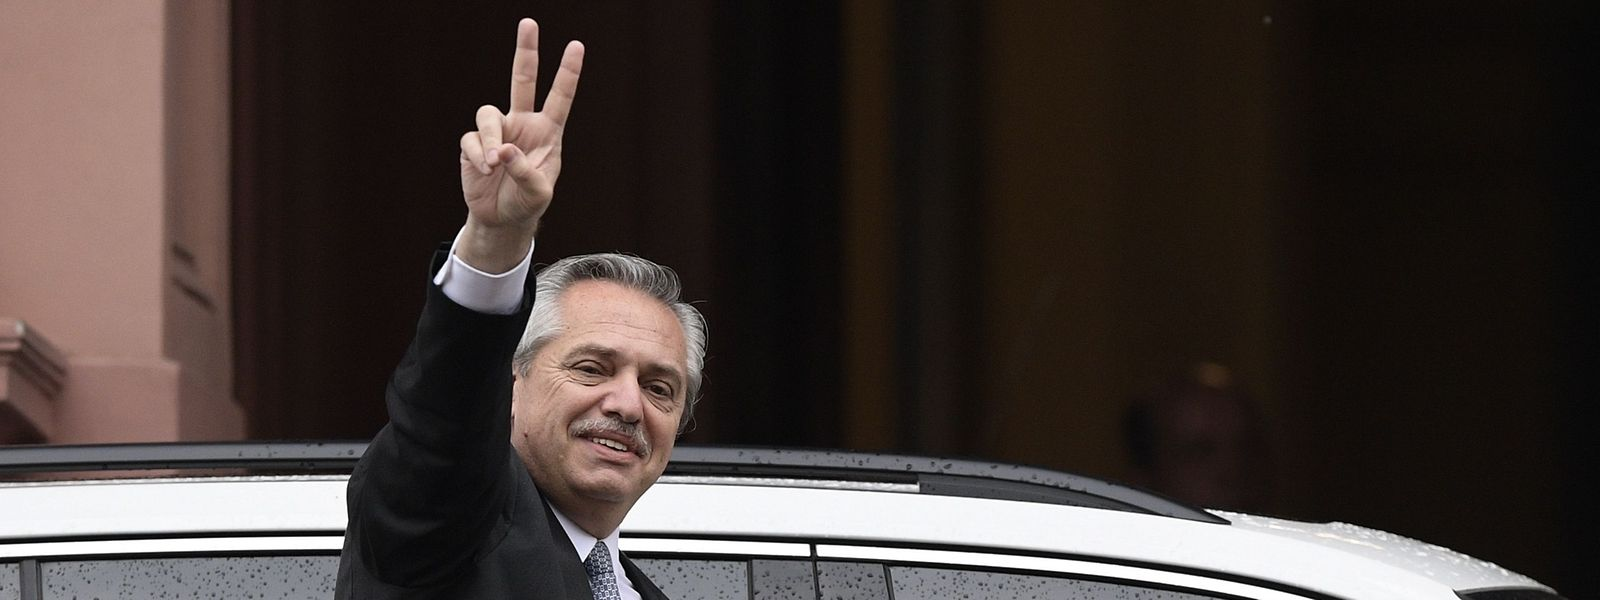 Der designierte neue Präsident von Argentinien: Alberto Fernández.